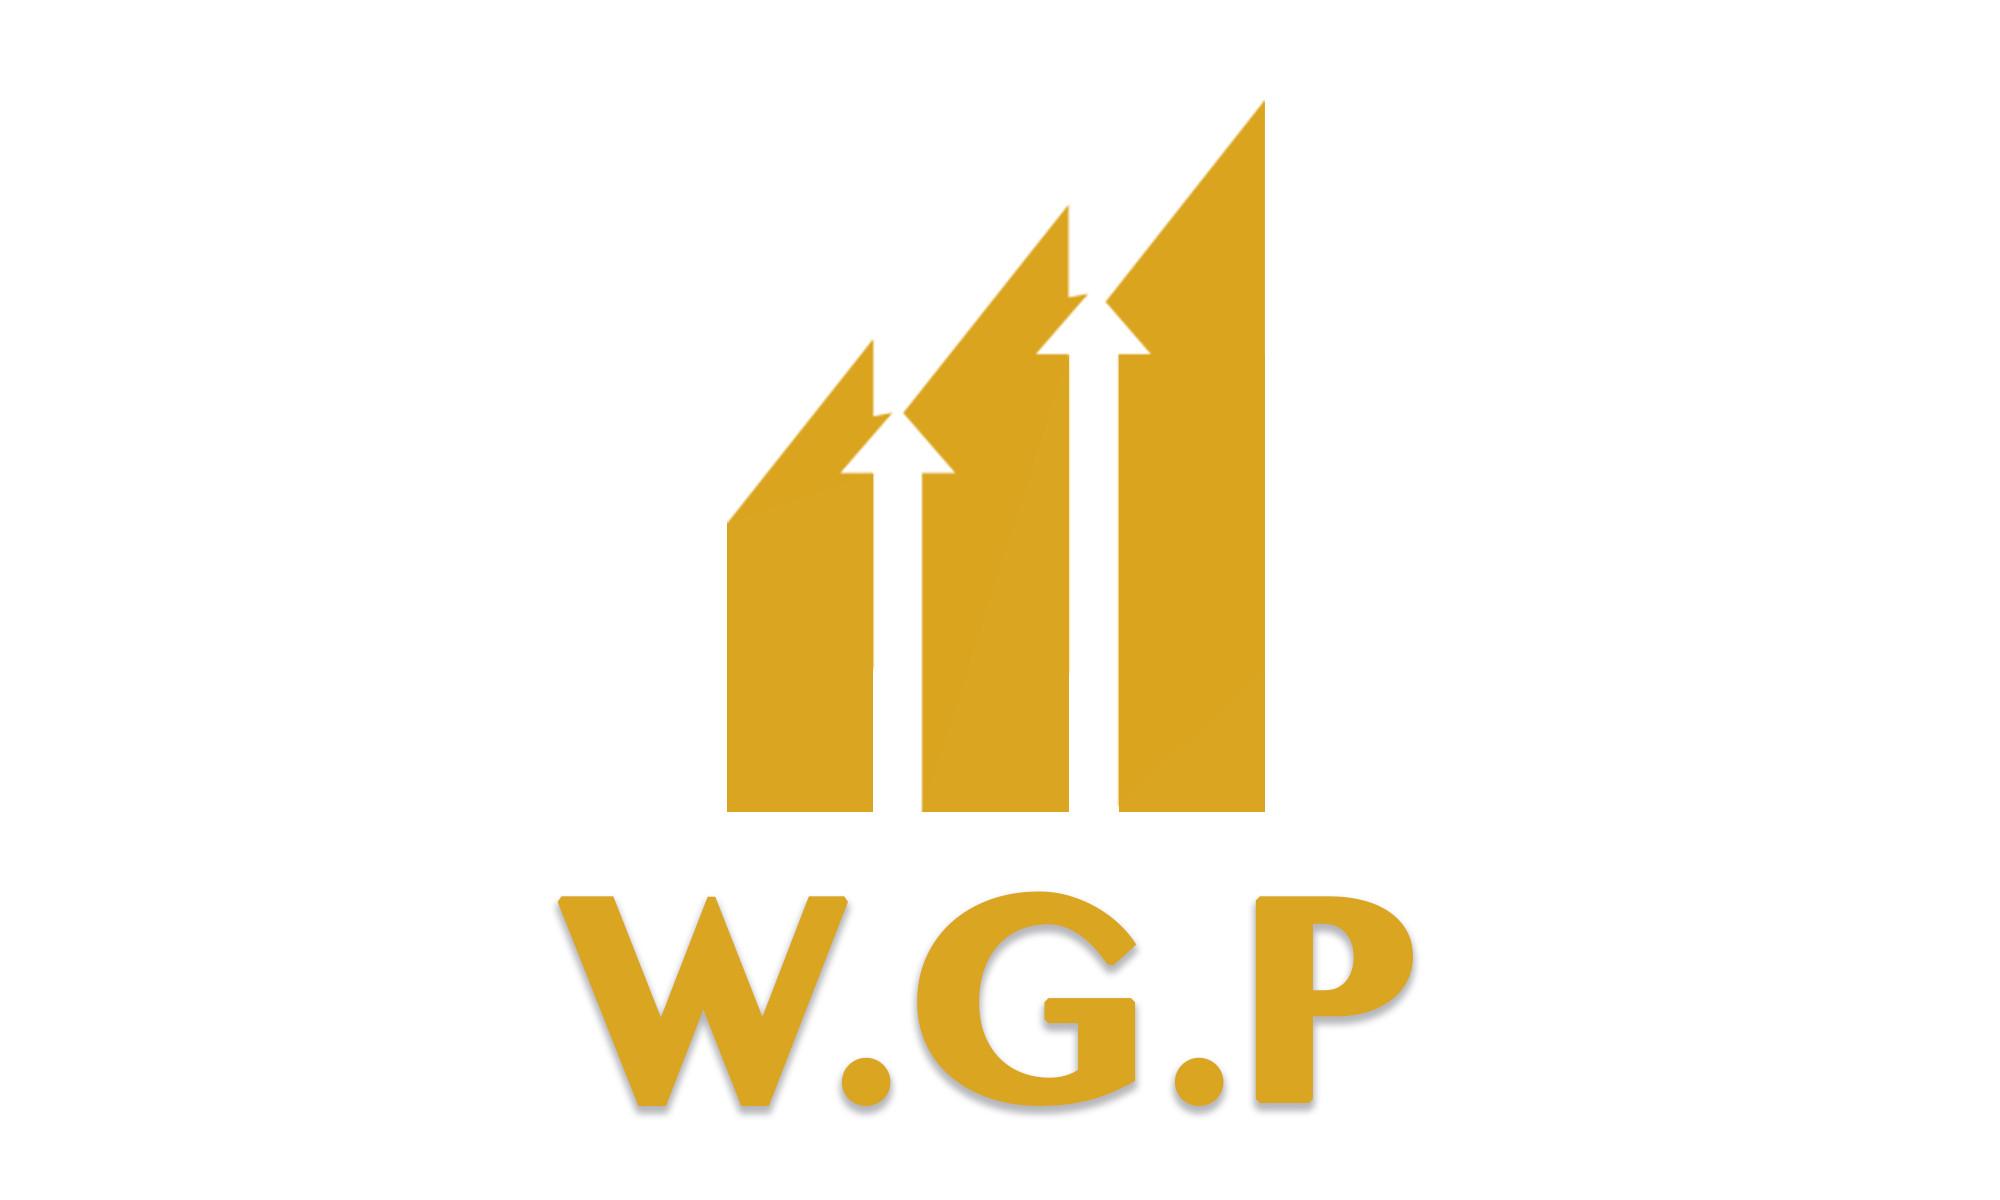 Công ty TNHH W.G.P